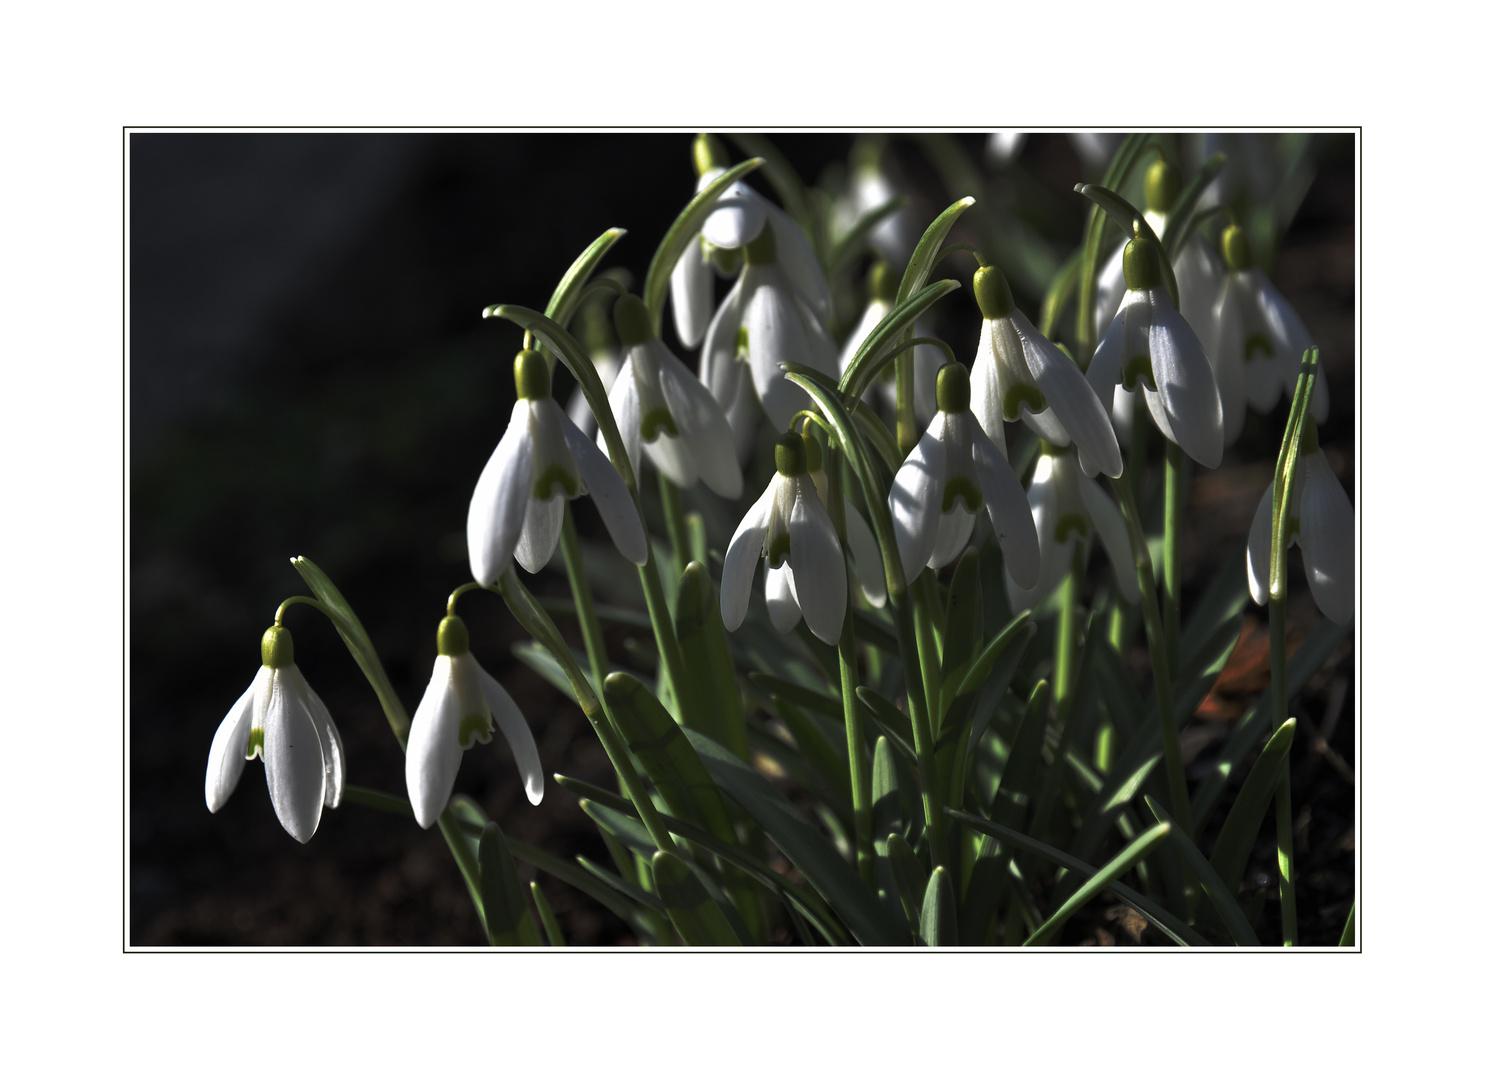 Hab den Frühling gesehen....